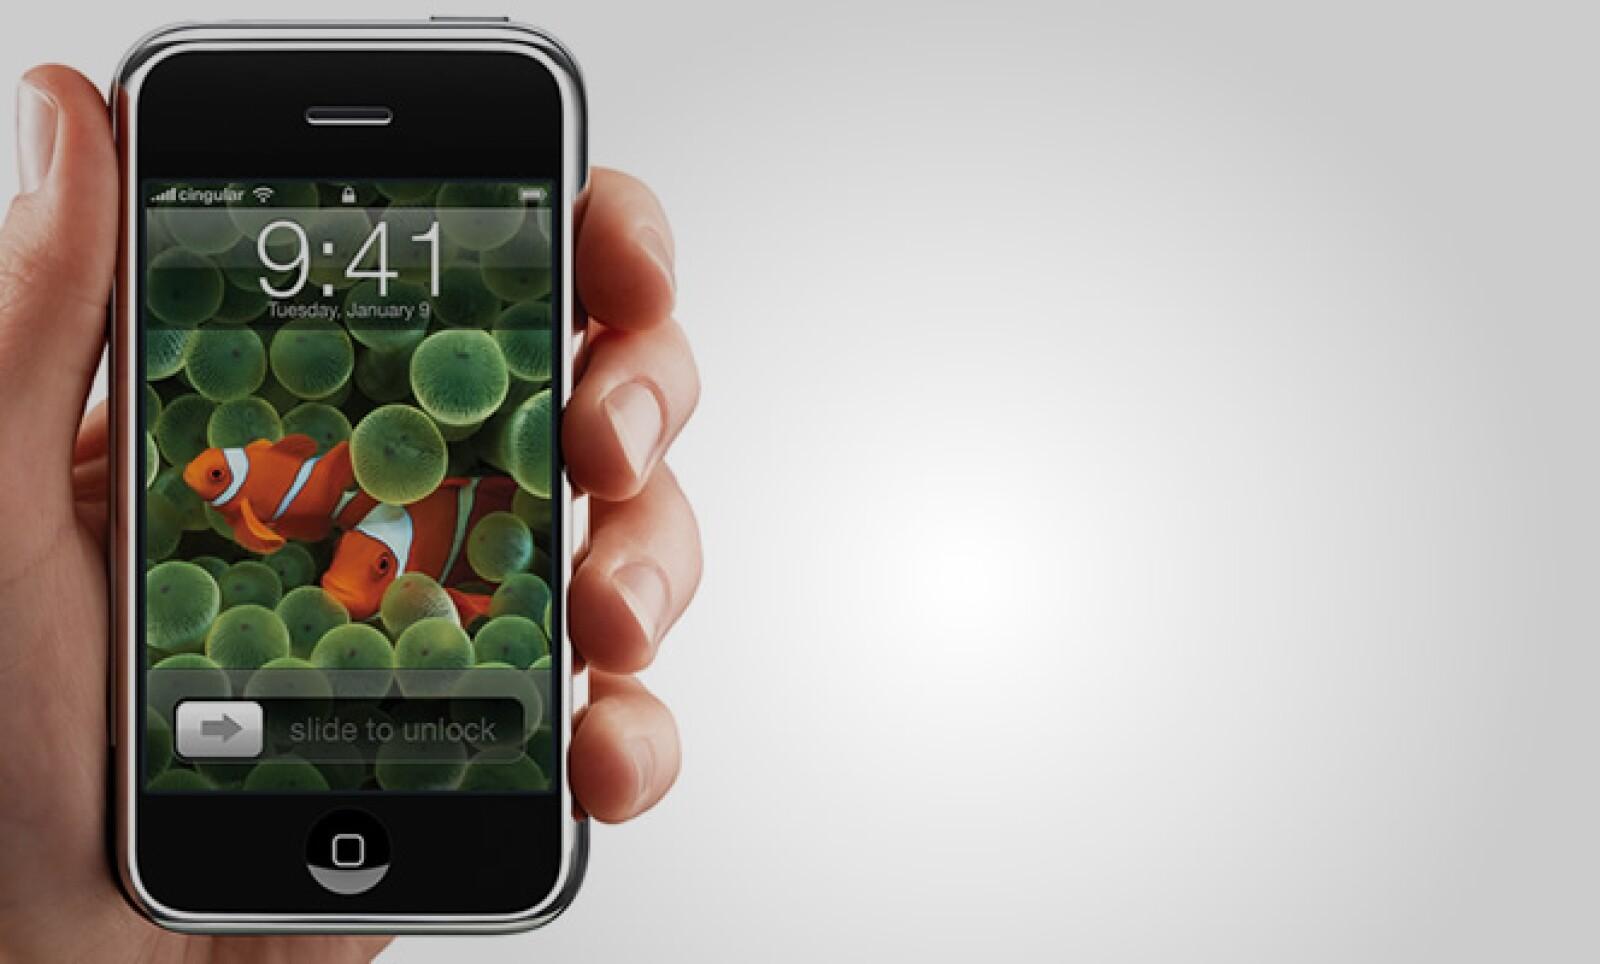 El primer iPhone salió a la venta en Estados Unidos el 29 de jumio de 2007.